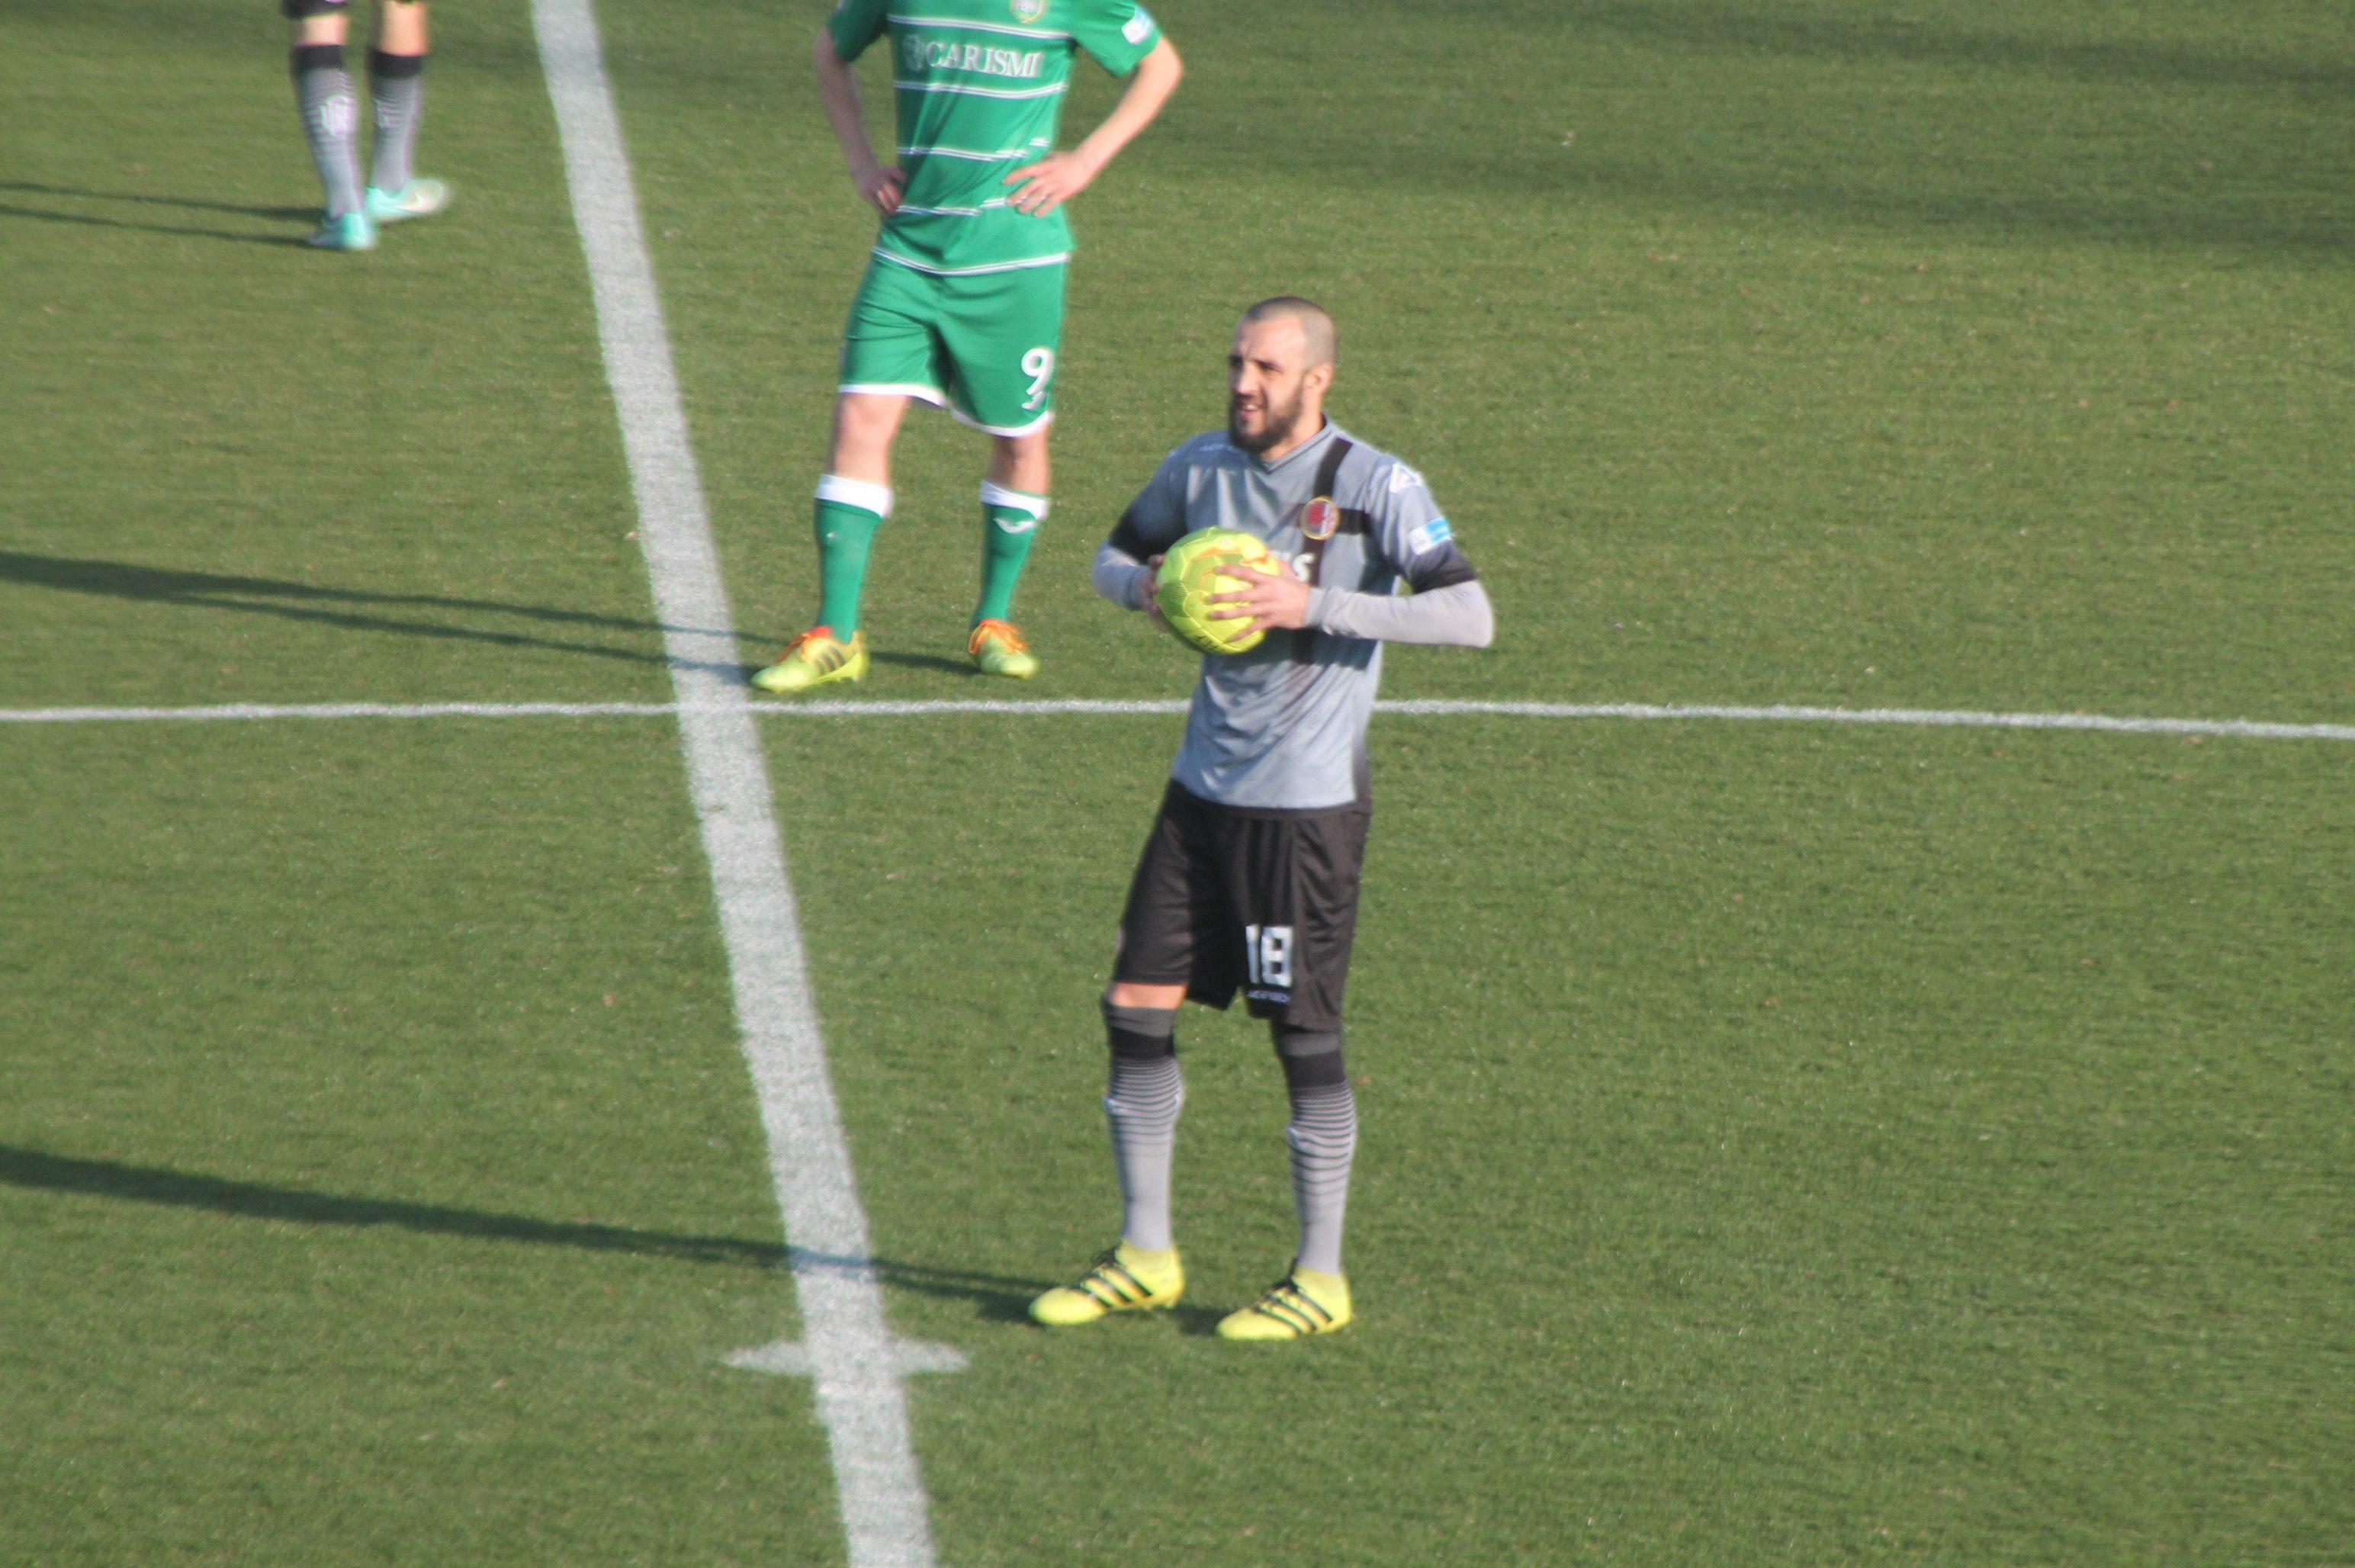 Playoff Legapro: Parma in finale, battuto il Pordenone ai rigori 5-4